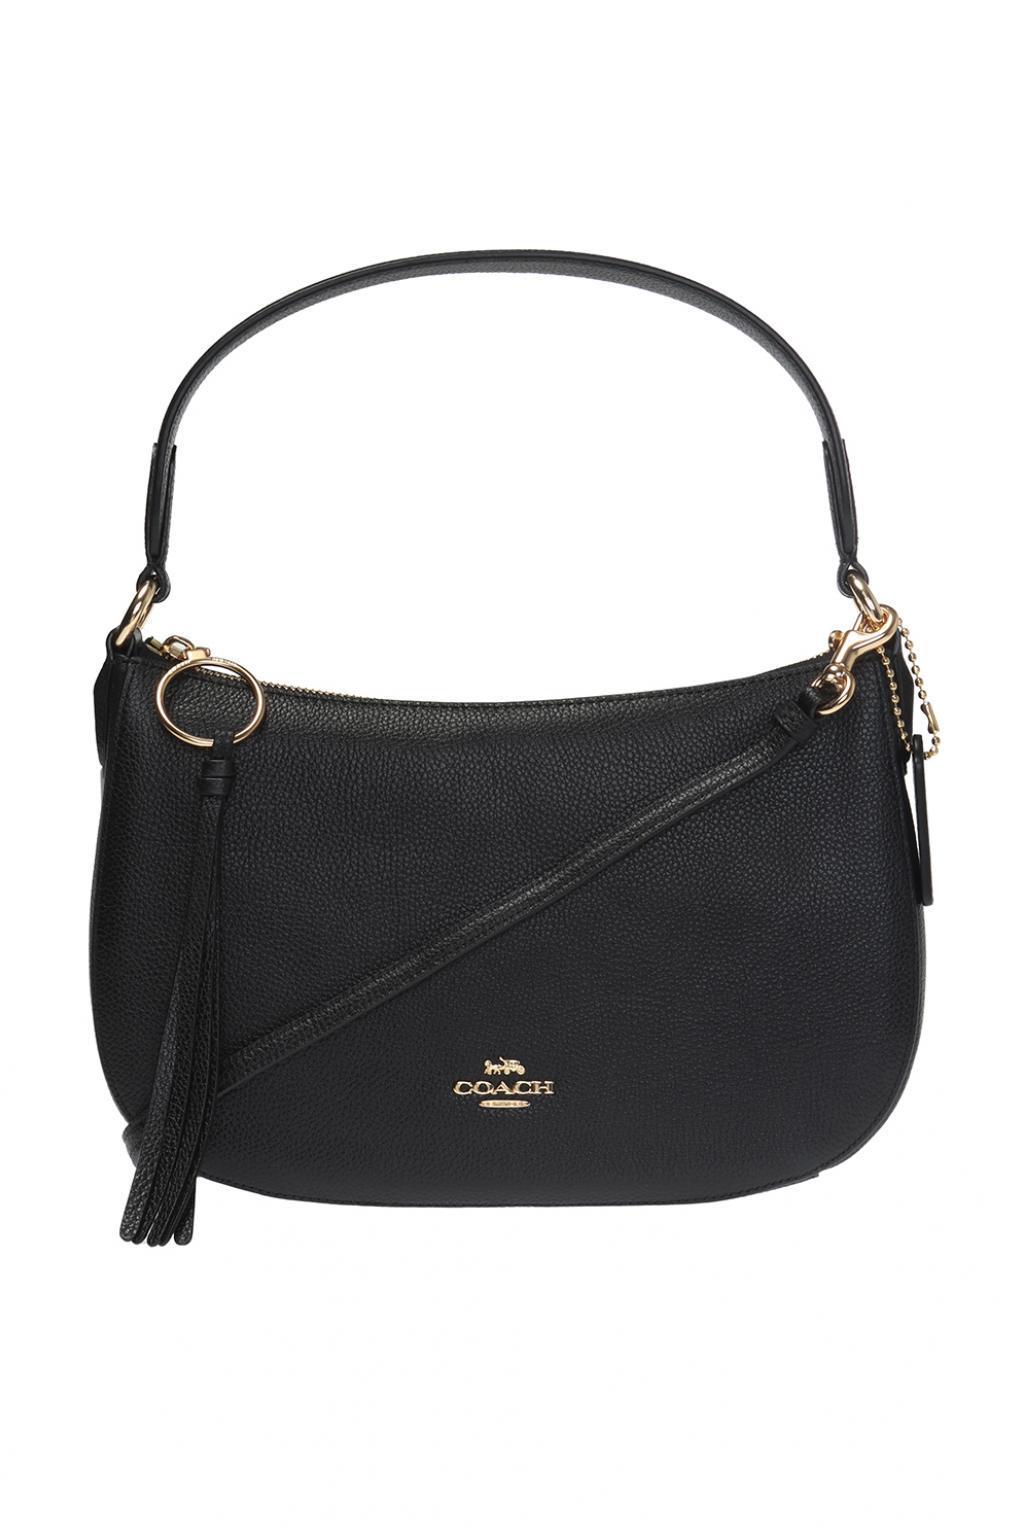 42b36d62e21263 COACH 'sutton' Shoulder Bag in Black - Lyst